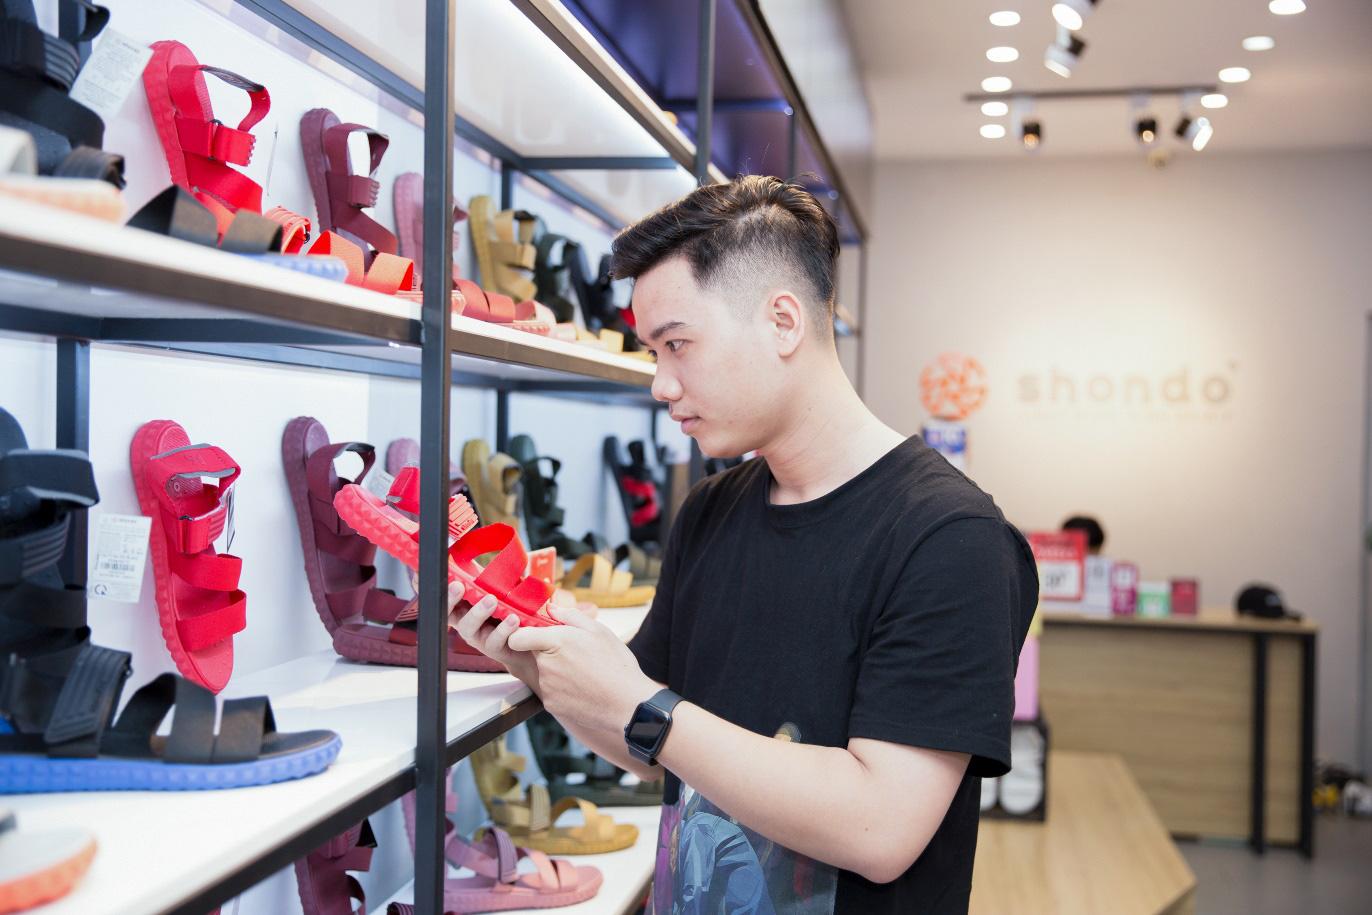 """Bão sale đổ bộ SHONDO - 3 chàng trai Simple Love mang cả """"store"""" giày sandals về nhà - Ảnh 5."""